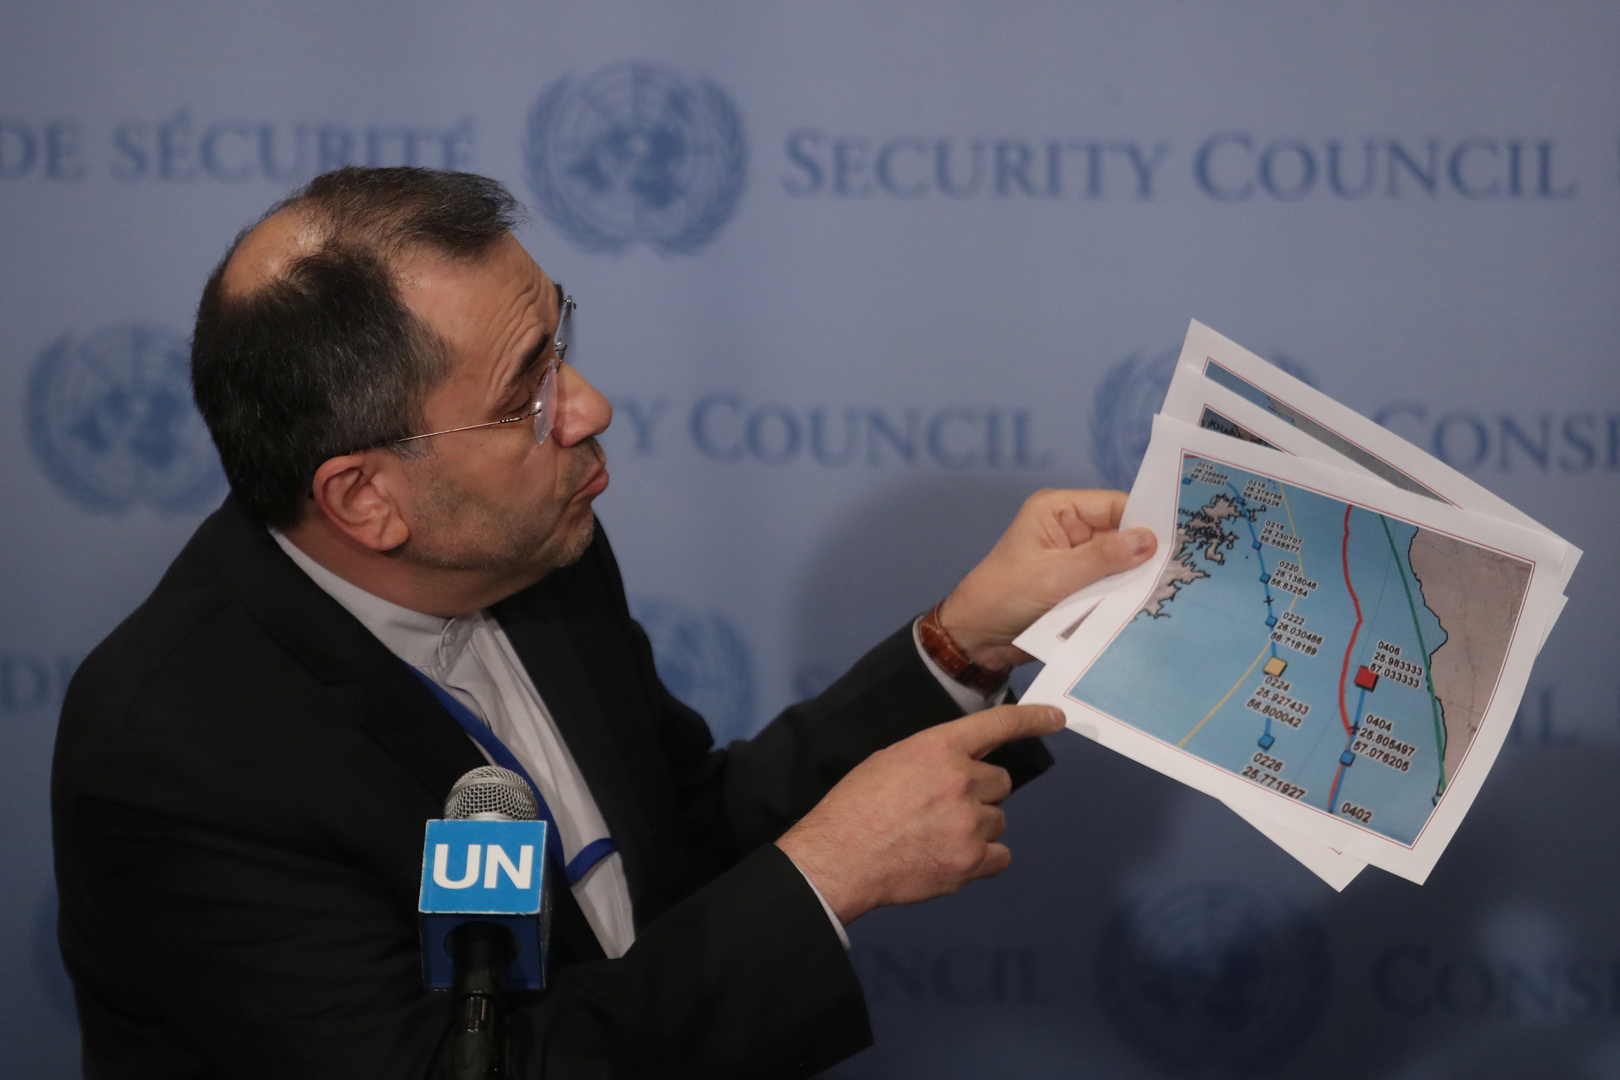 إيران تحذر في رسالة للأمم المتحدة ومجلس الأمن من